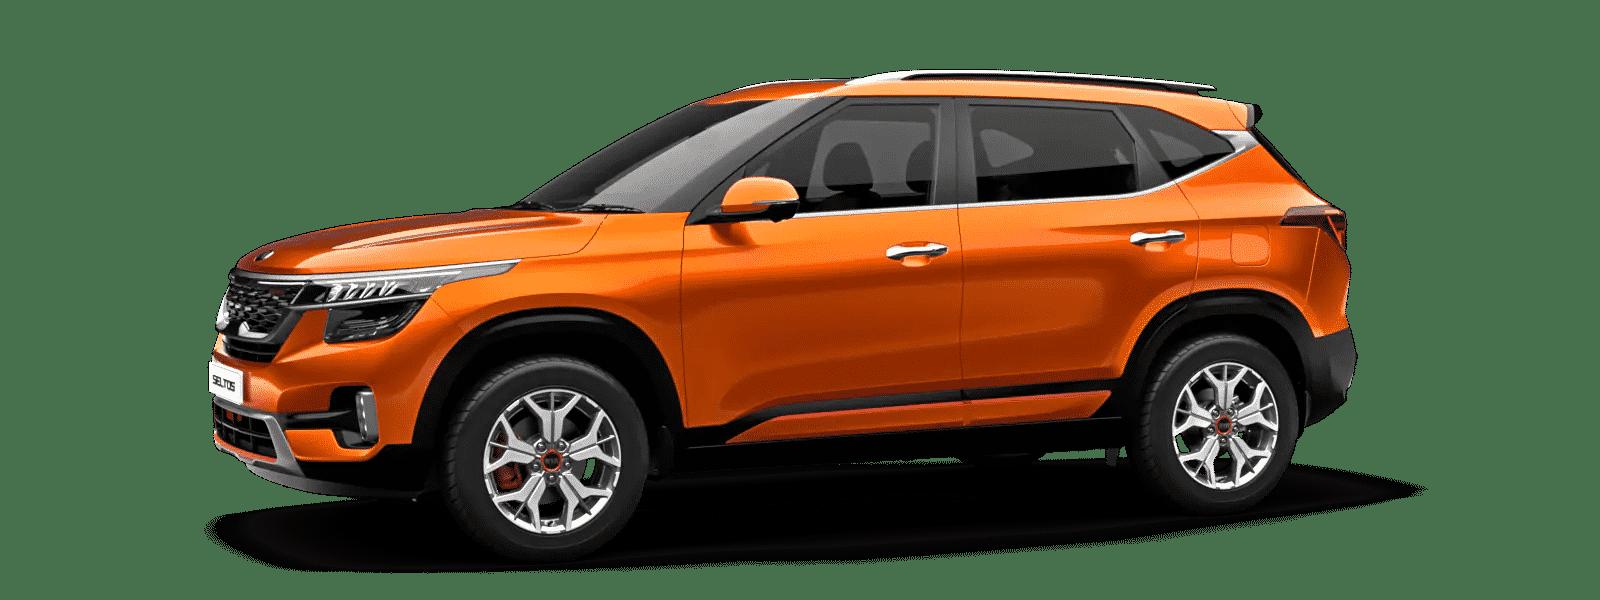 Kia Seltos Punchy Orange